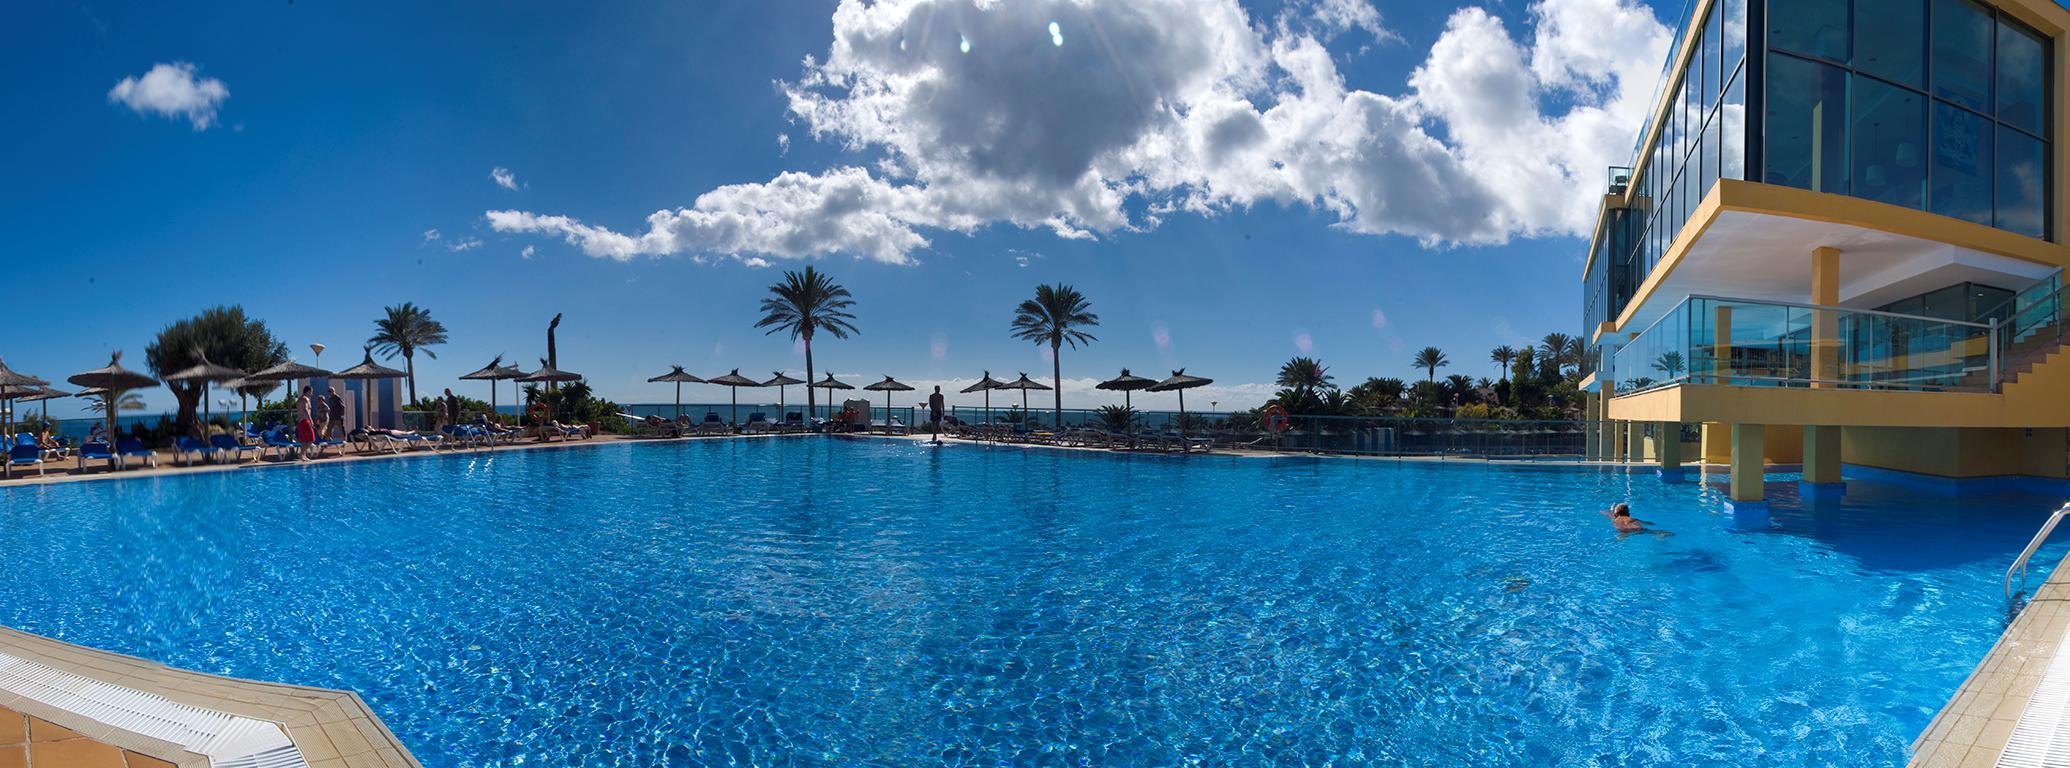 Hotel SBH Club Paraiso Playa beoordelingen